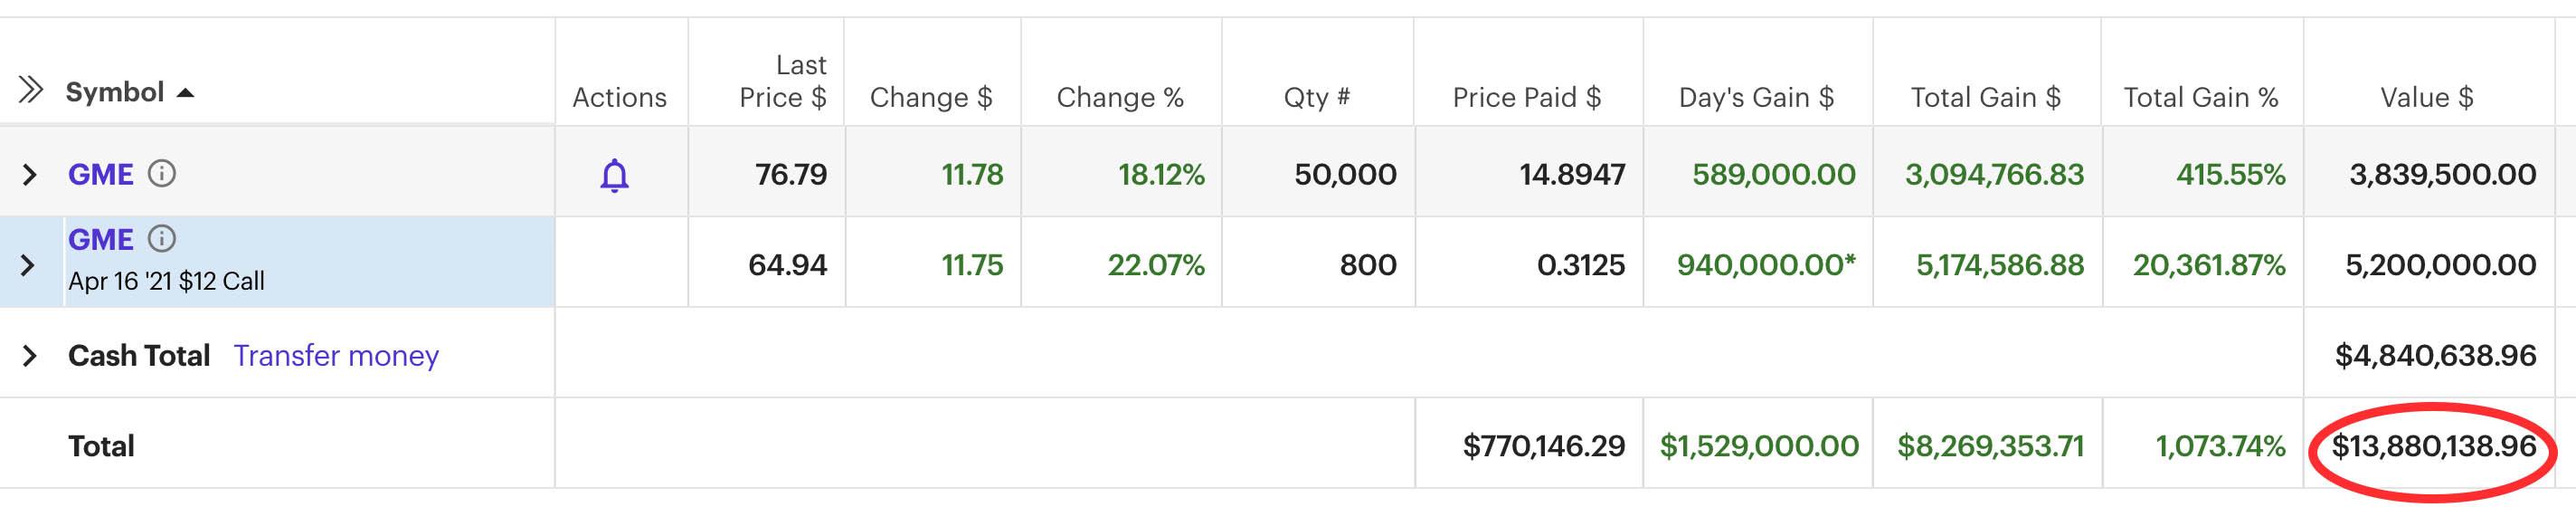 u/deepfuckingvalue's GME portfolio valued at $13 million